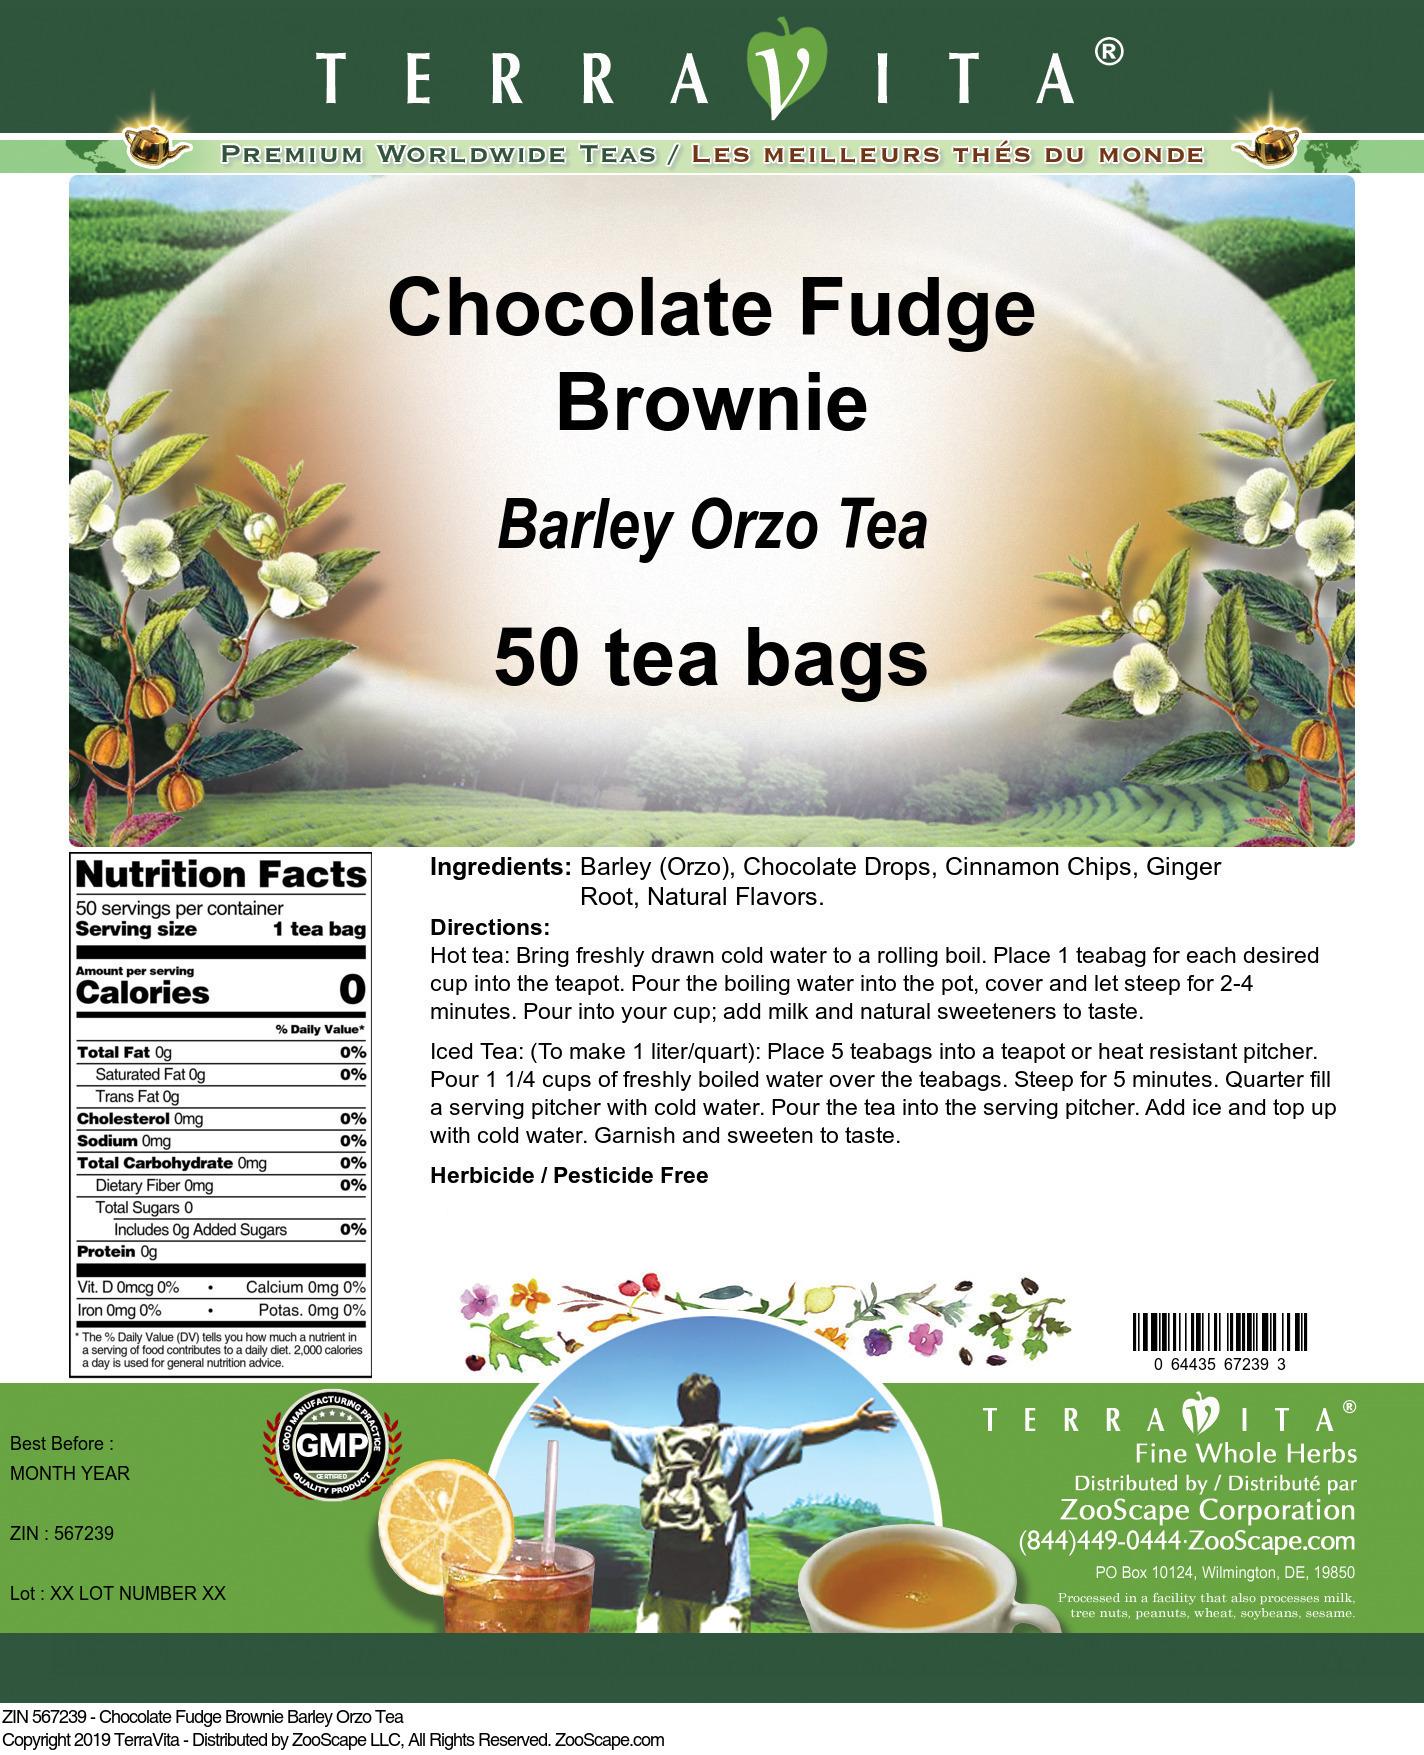 Chocolate Fudge Brownie Barley Orzo Tea